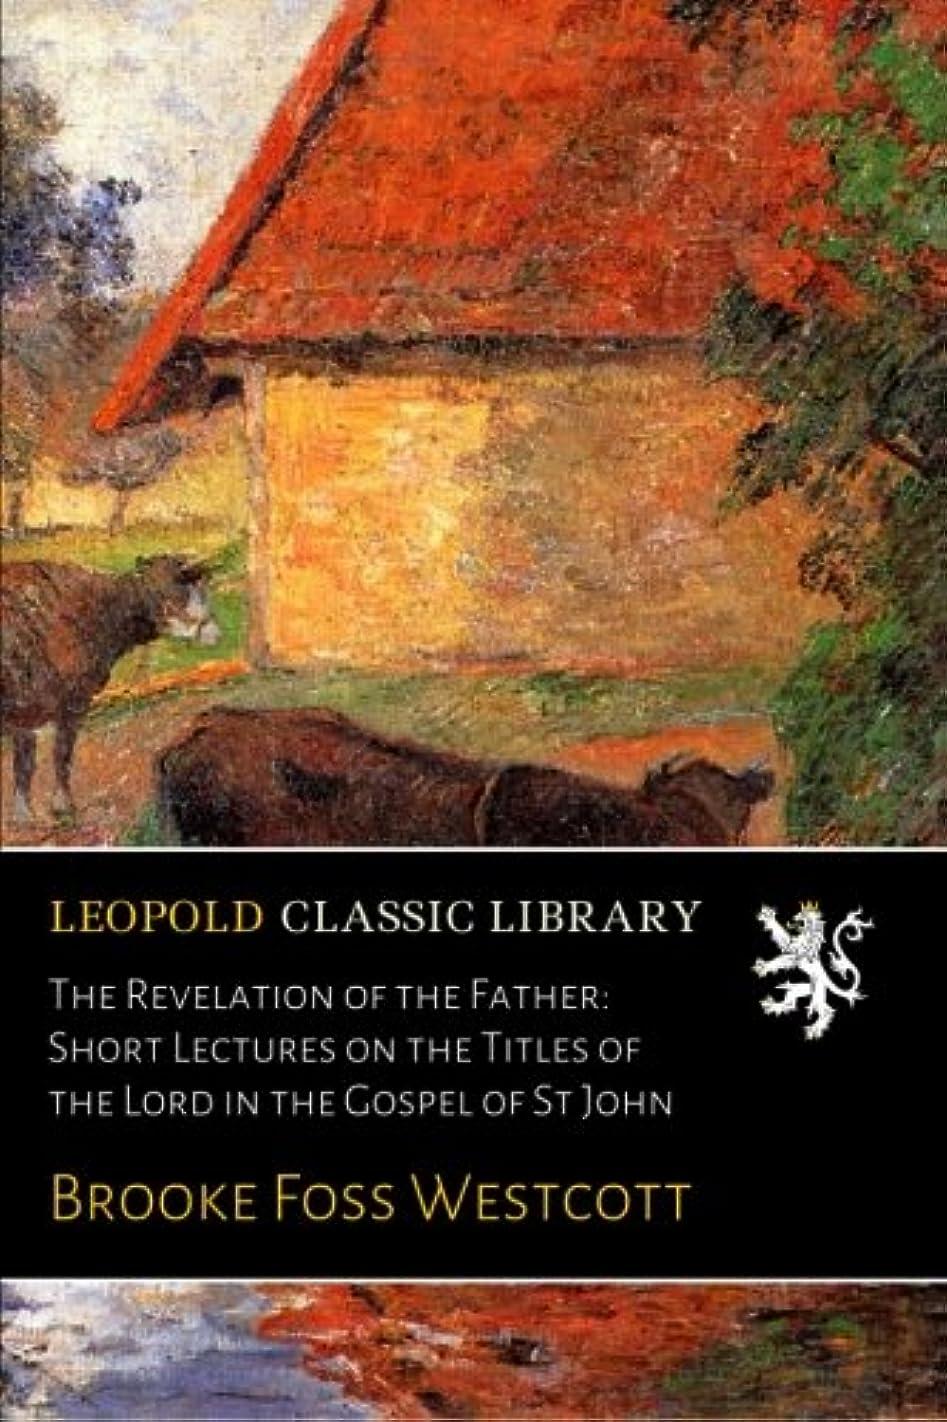 怪しい友だち頼むThe Revelation of the Father: Short Lectures on the Titles of the Lord in the Gospel of St John